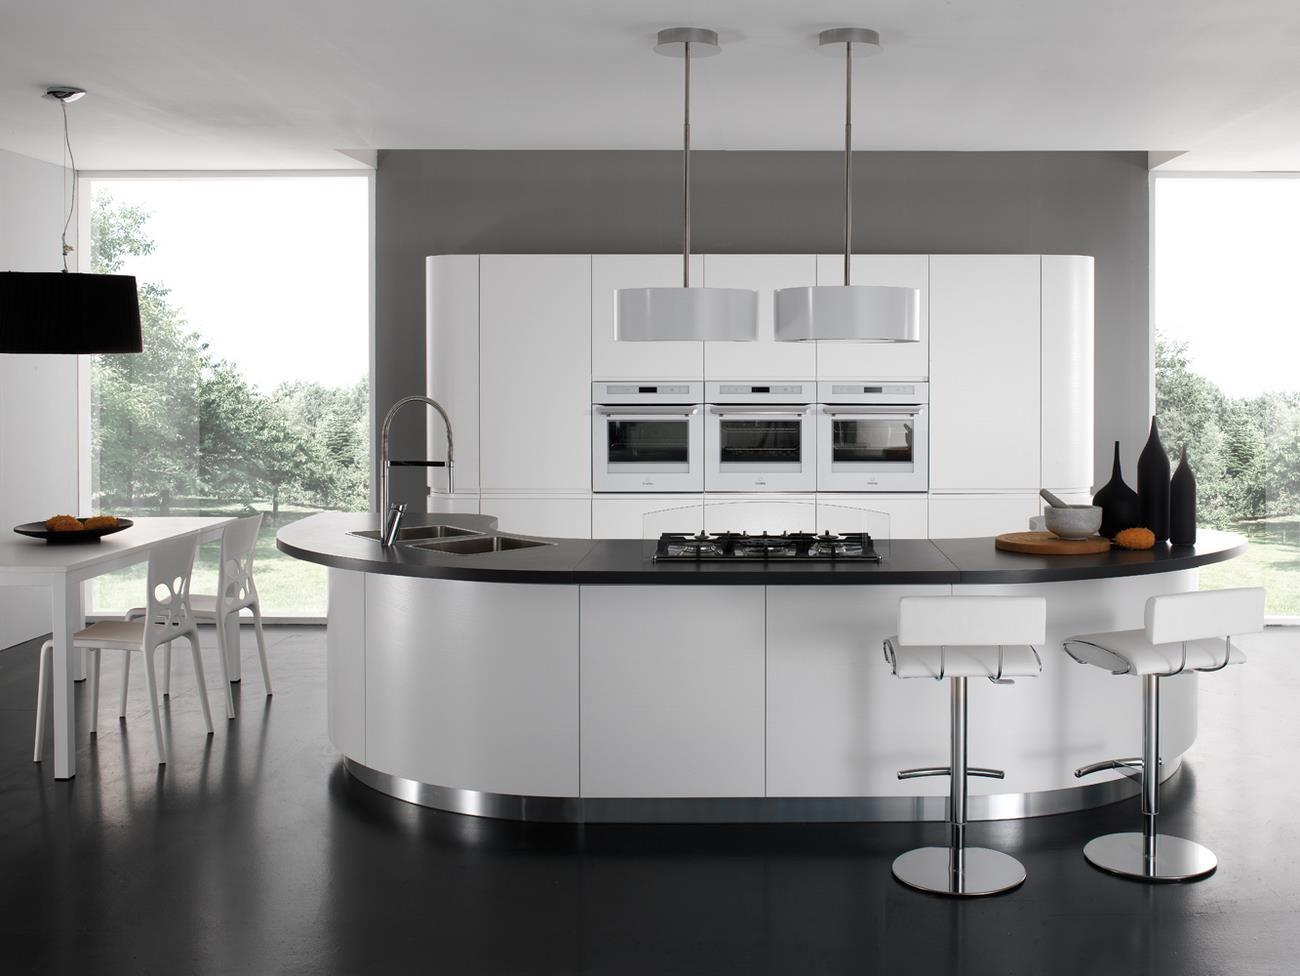 Cucine Moderne Con Isola Rotonda.Cucina Moderna In Laminato Tonda Laccata Seven